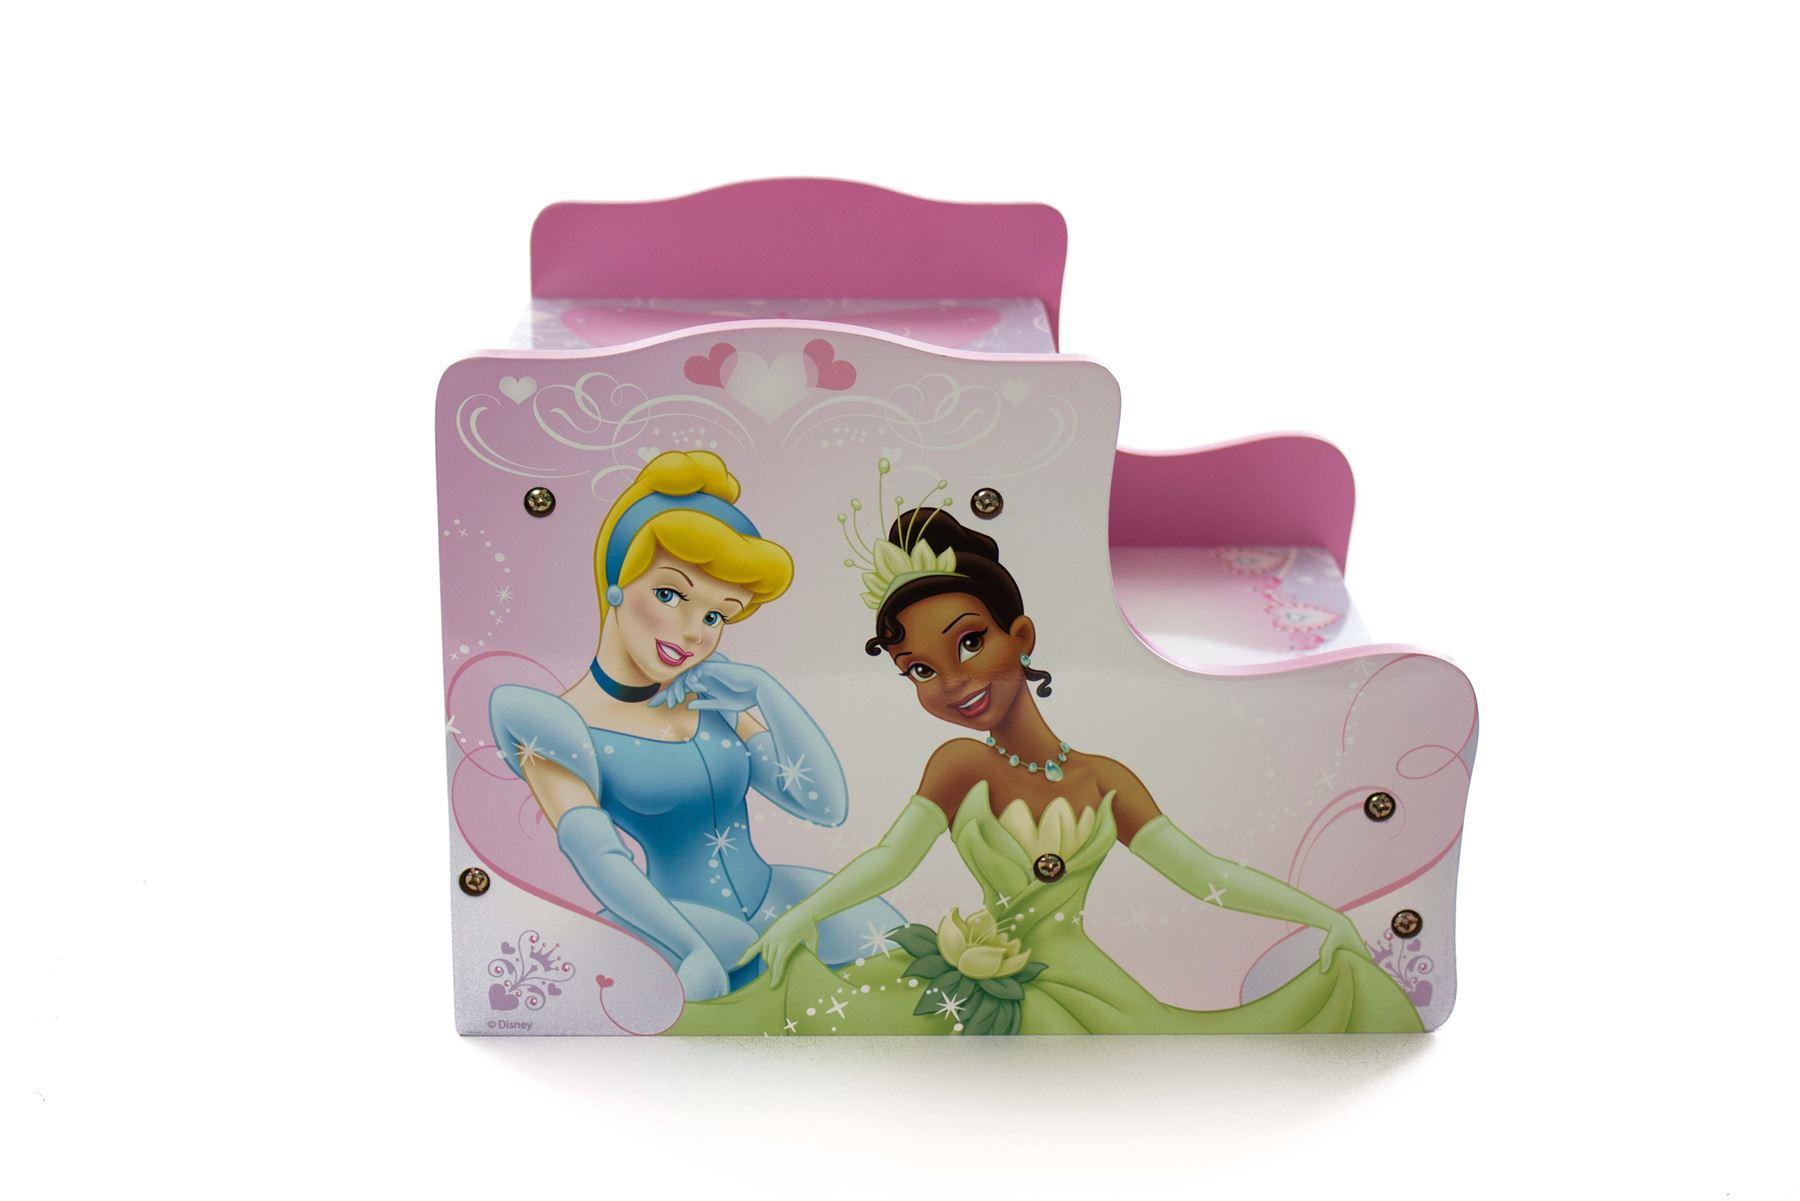 Disney Princess Childrens Girls Step Kids Wooden Storage